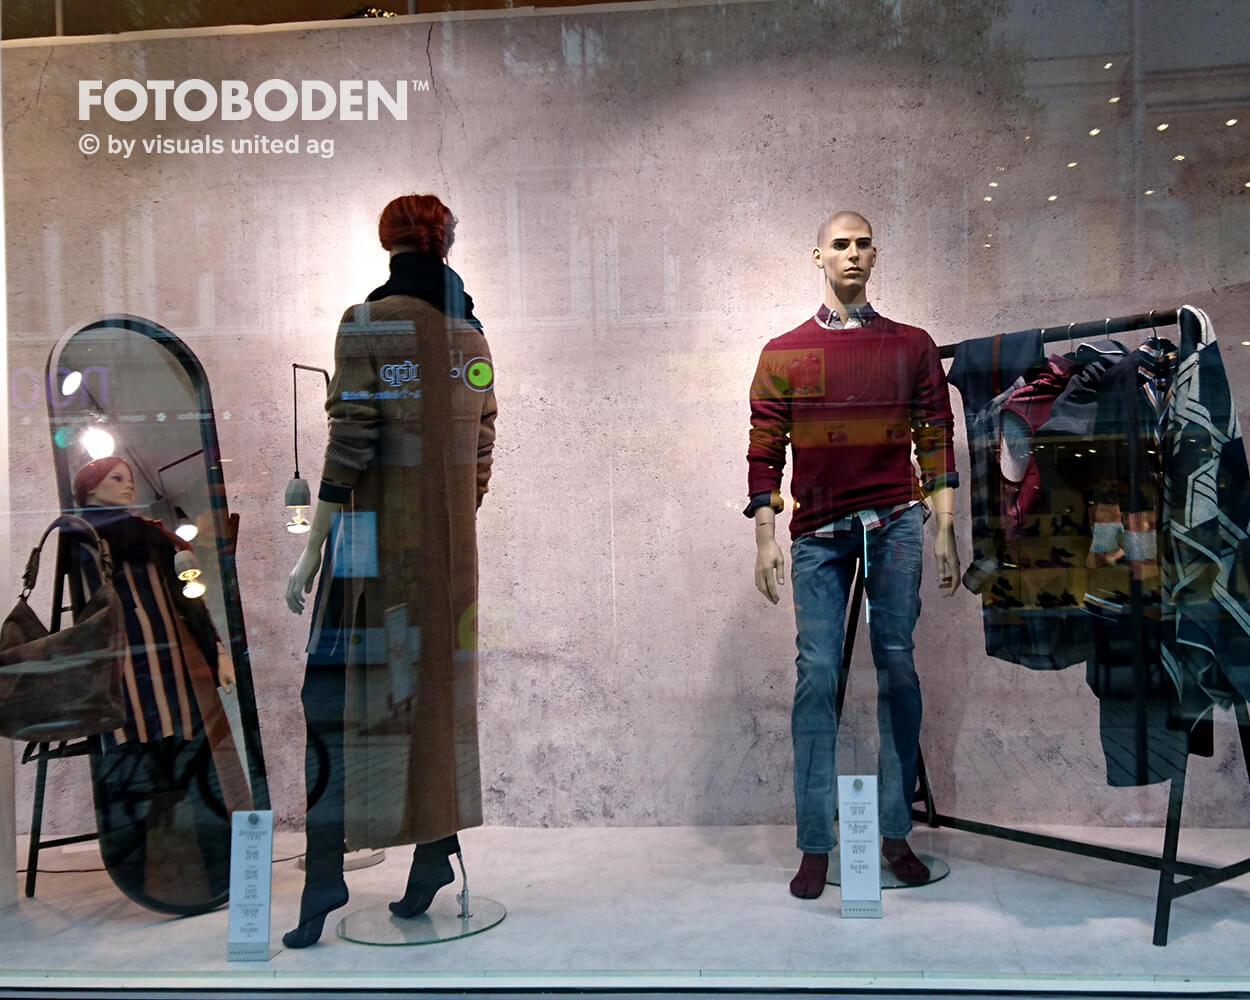 Schaufenster4 Fotoboden Flooring Fußboden Bodengestaltung Floorminder Bodendruck Werbung Fußbodenwerbung Bodenwerbung Merchandising Advertising Visualmerchandising